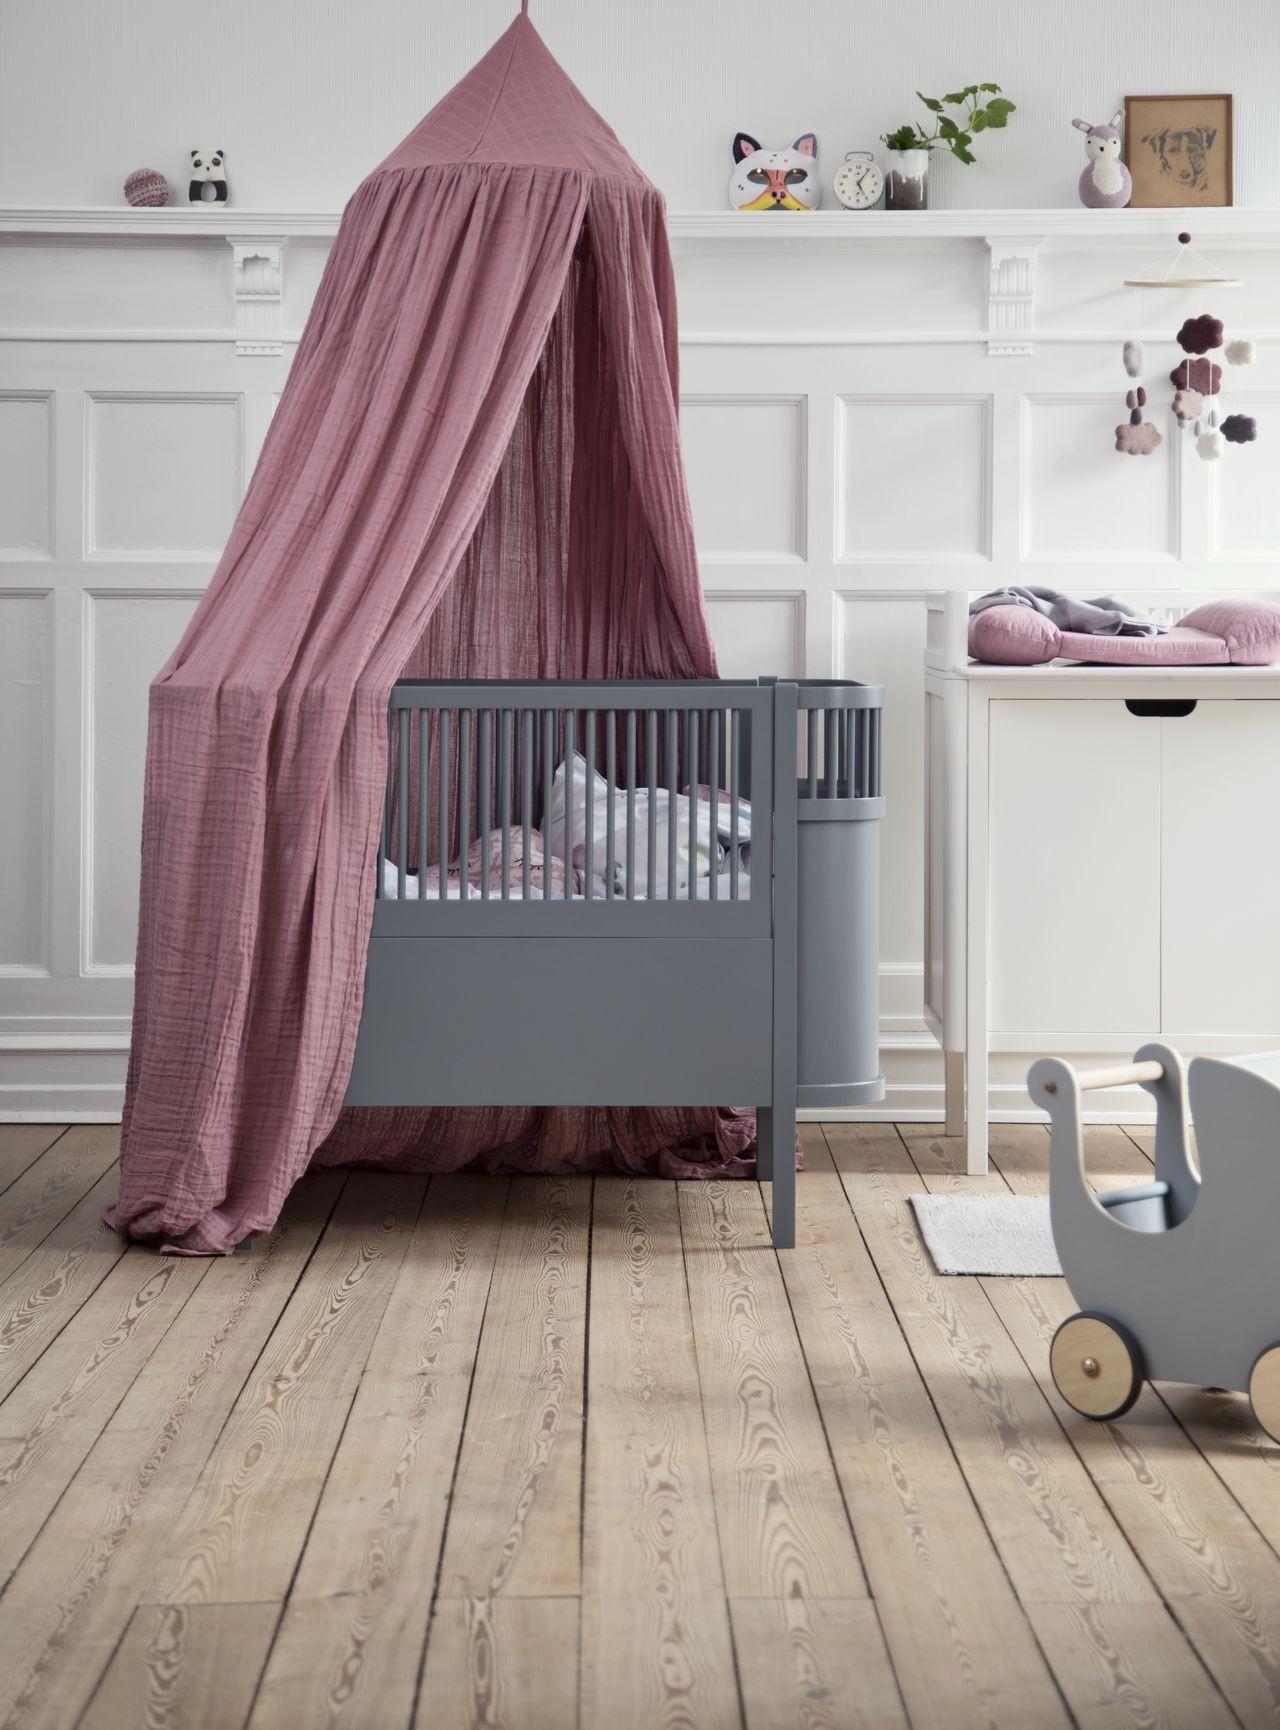 Kinderzimmermöbel Babybett Sebra kaufen - Kleine Fabriek